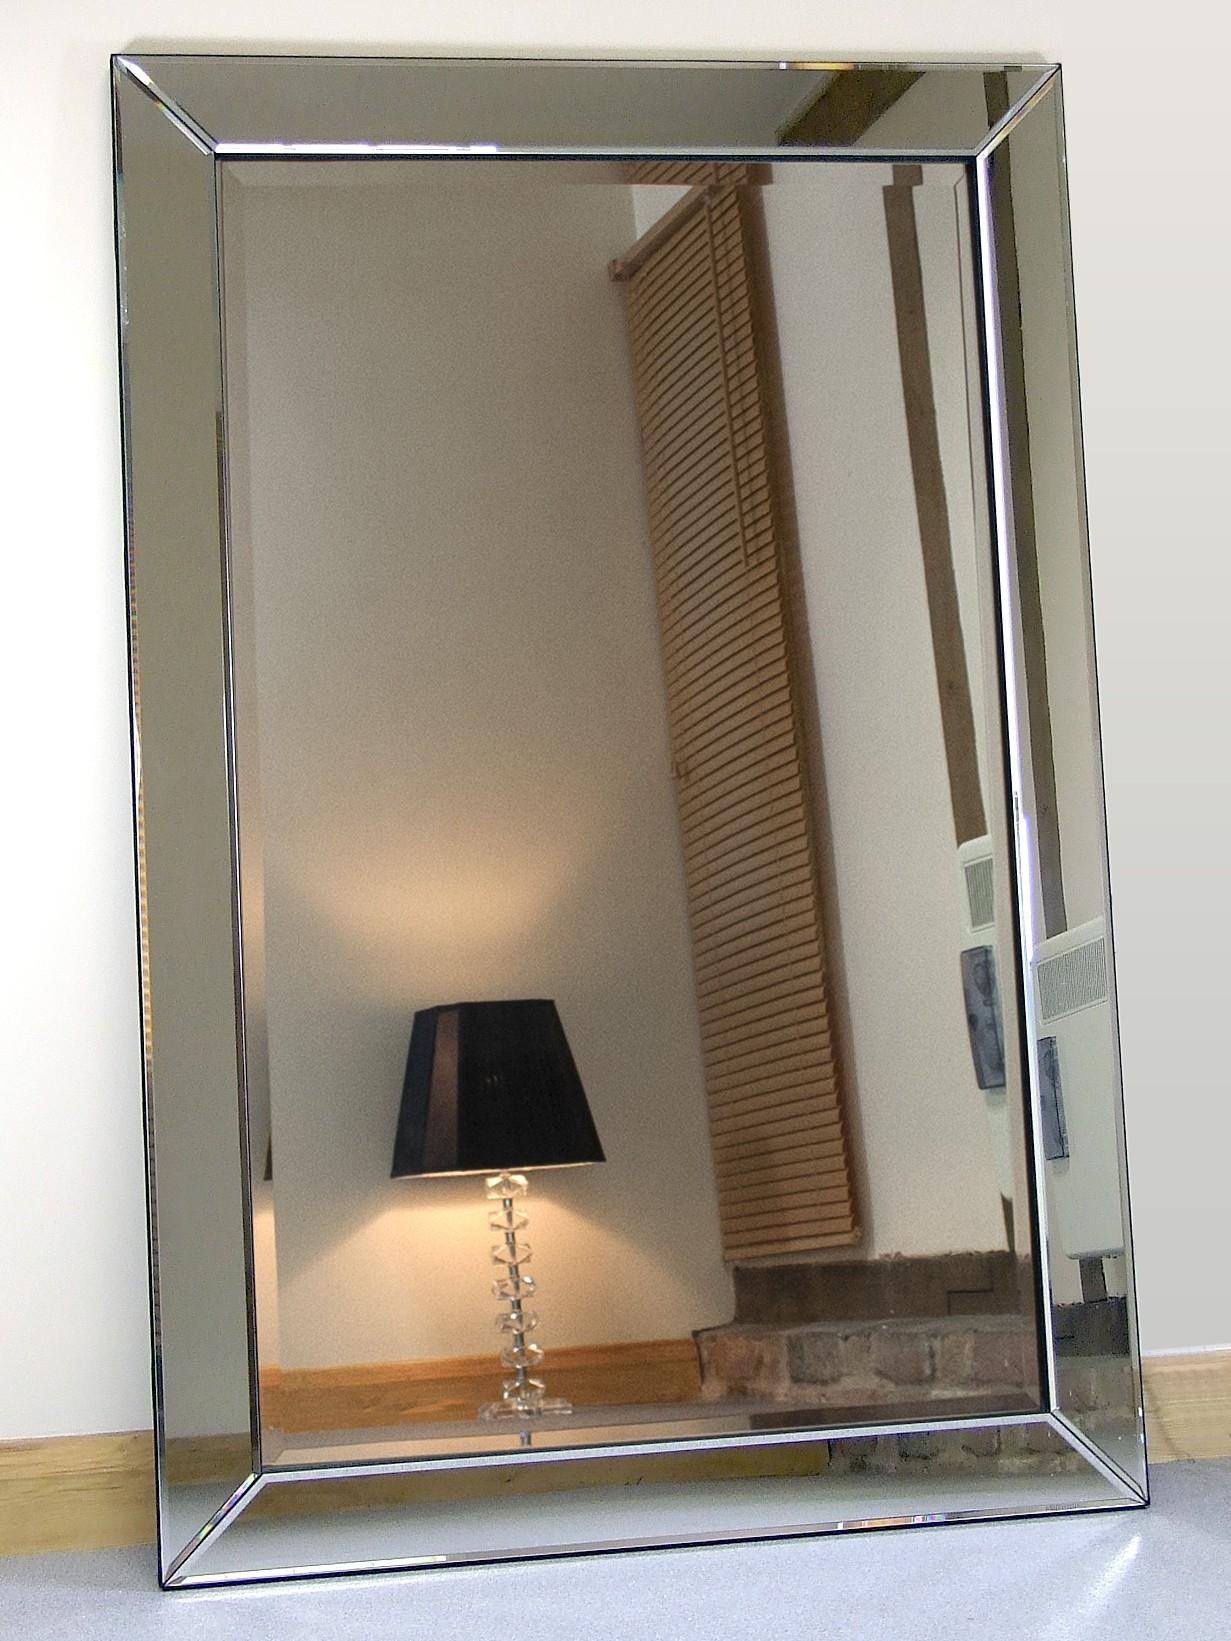 Extra Large Rectangular Wall Mirror Extra Large Rectangular Wall Mirror photo album collection extra large wall mirrors all can download 1231 X 1641